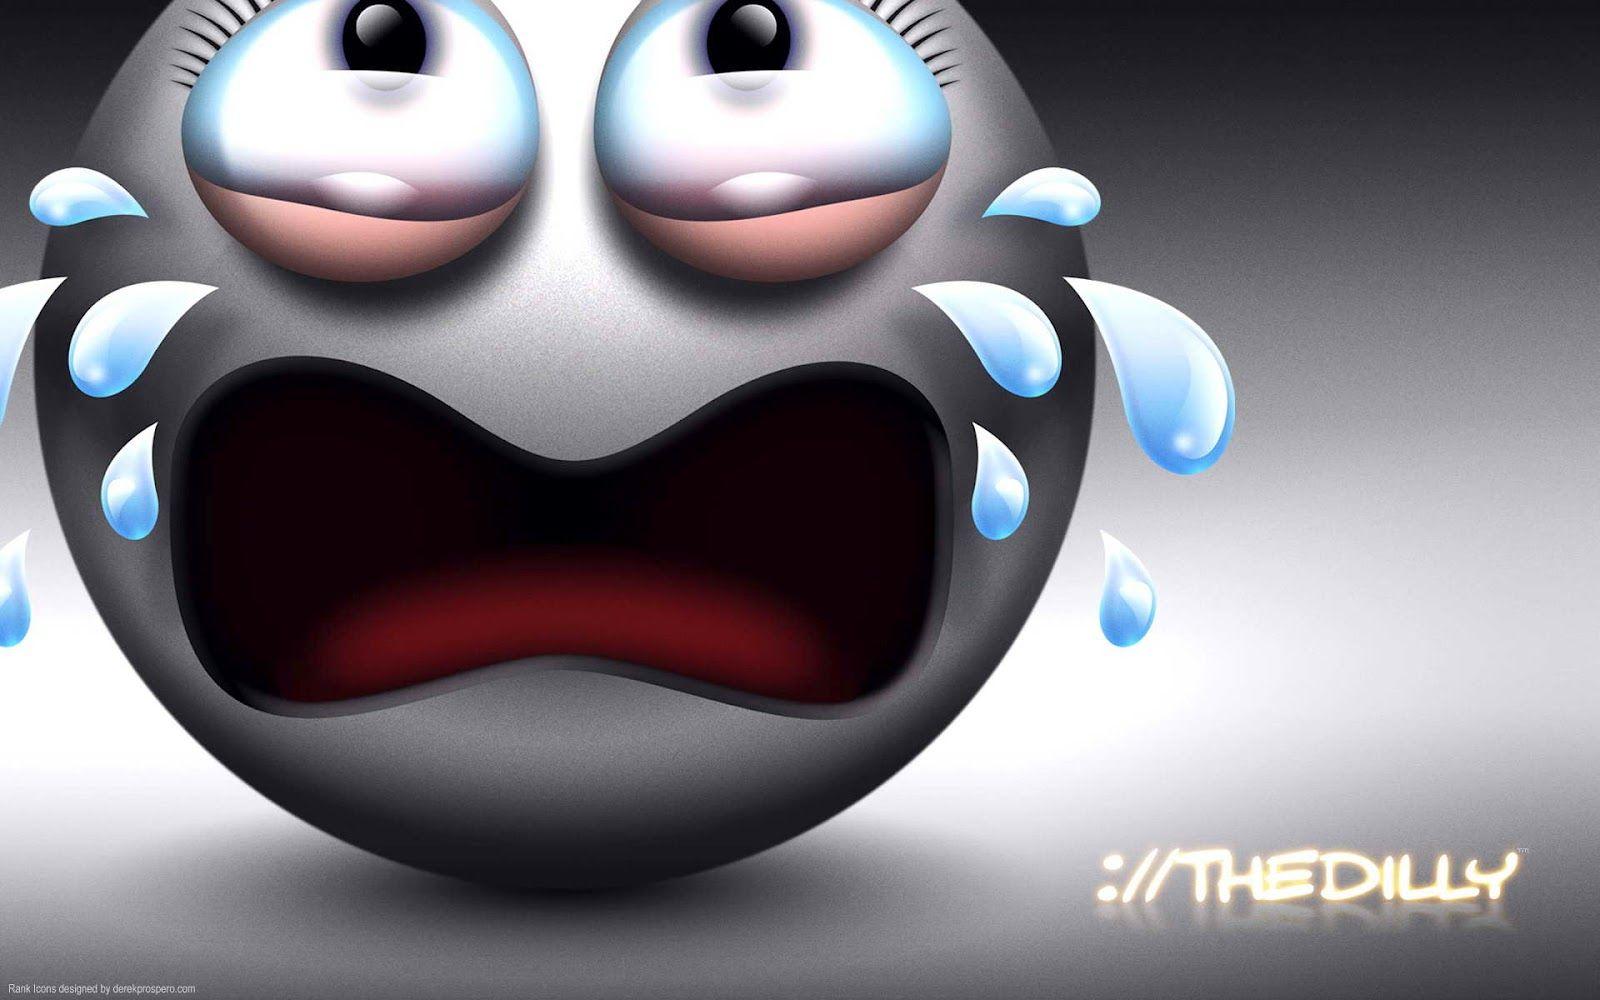 Smiley 3d Wallpaper Cartoon Wallpaper Hd Crazy Smiley Face Cartoon Wallpaper